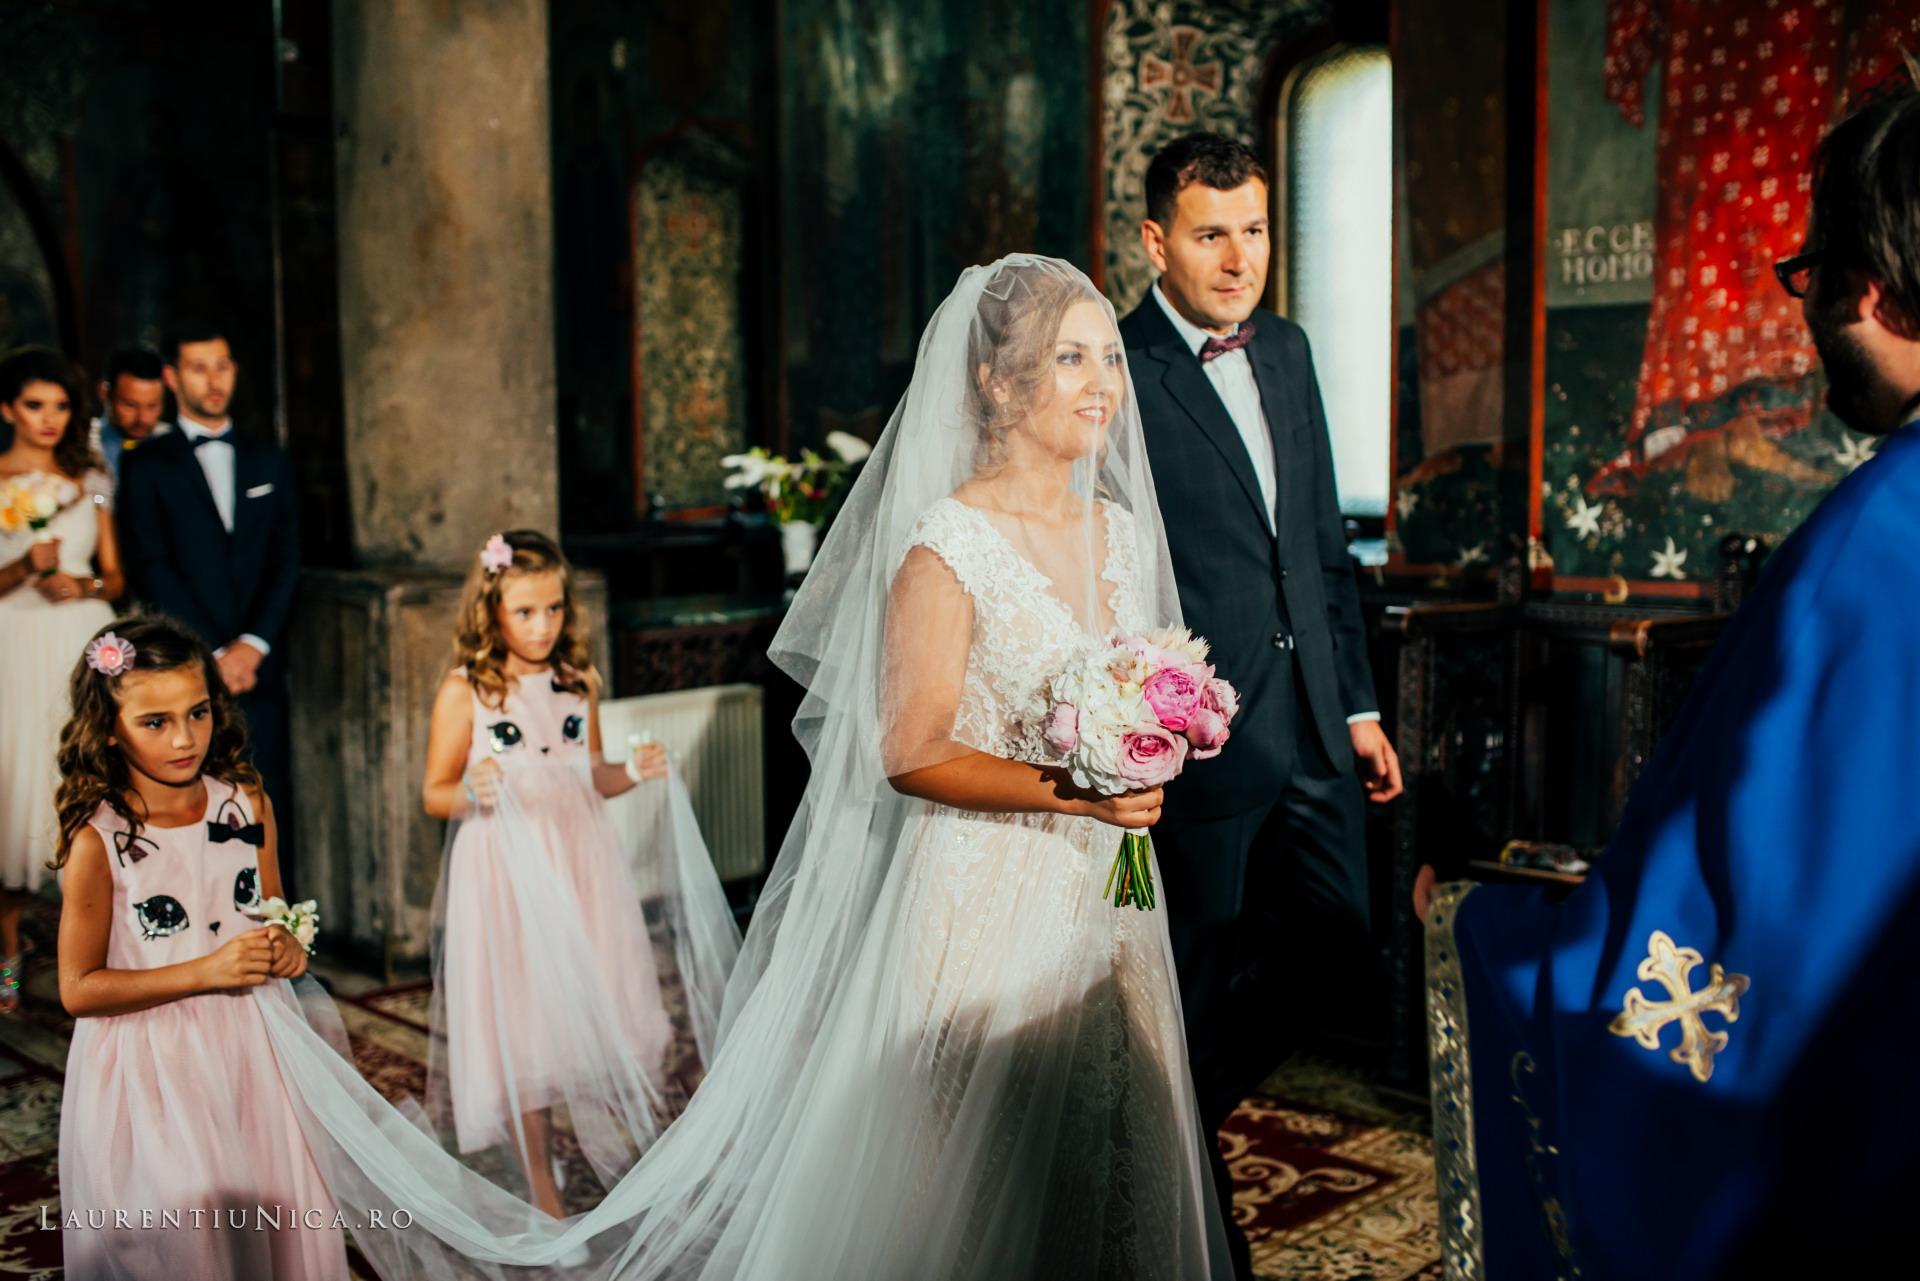 carolina si sorin craiova fotograf nunta laurentiu nica28 - Carolina & Sorin | Fotografii nunta